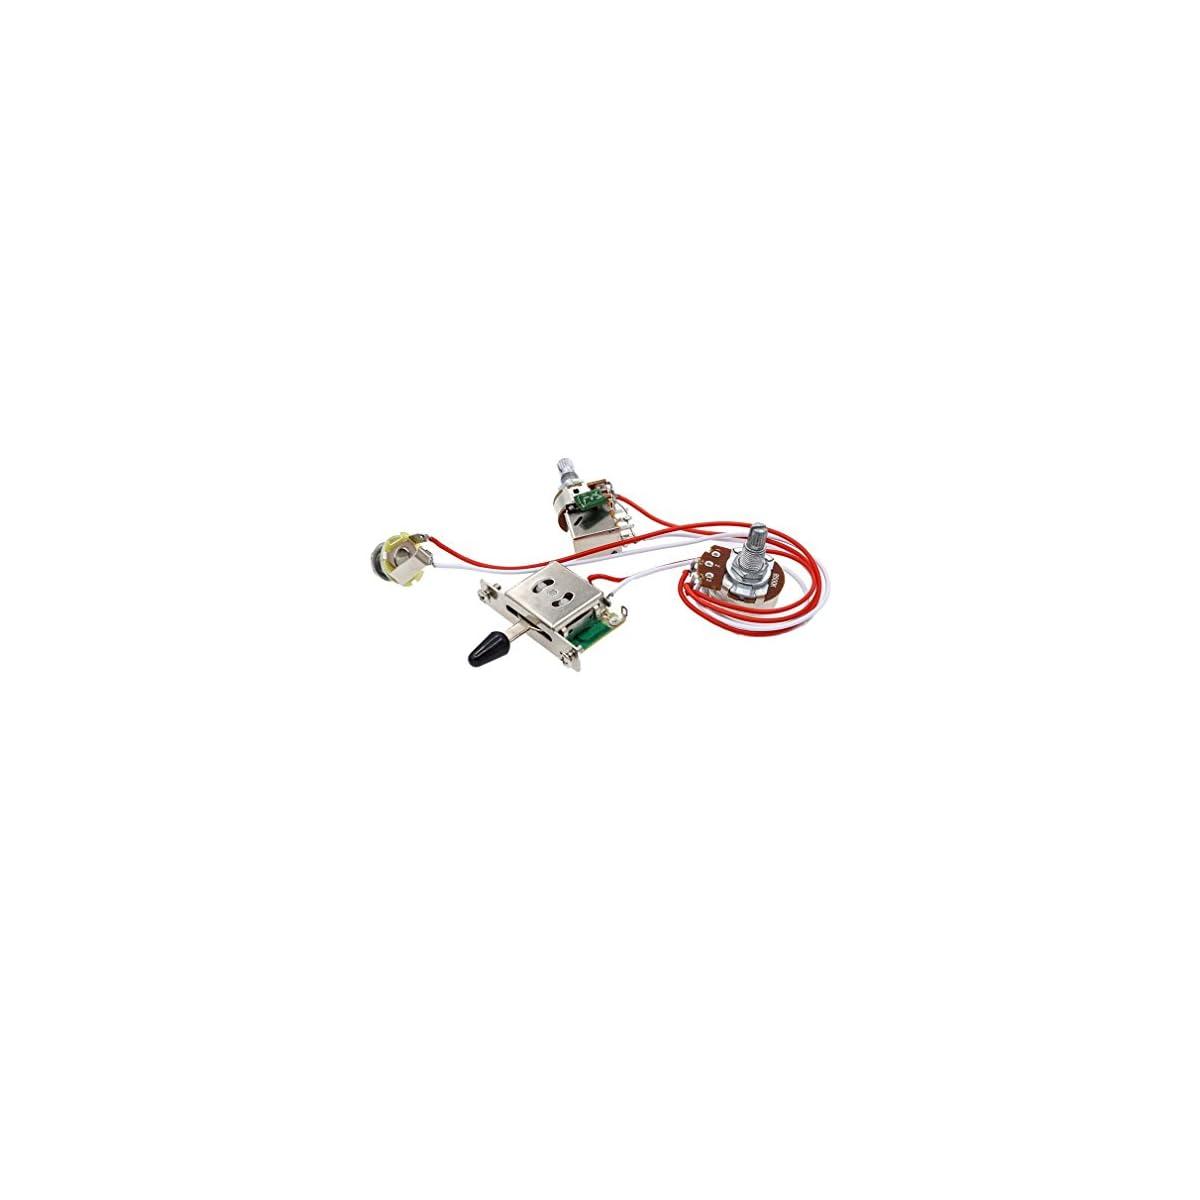 41K5BKJisbL. SS1200  - SeaStart- Kit de cableado de Guitarra eléctrica (1 Volumen, 1 tonelada, 3 Interruptor, 500 K, 1 Juego de Toma de potenciómetro)